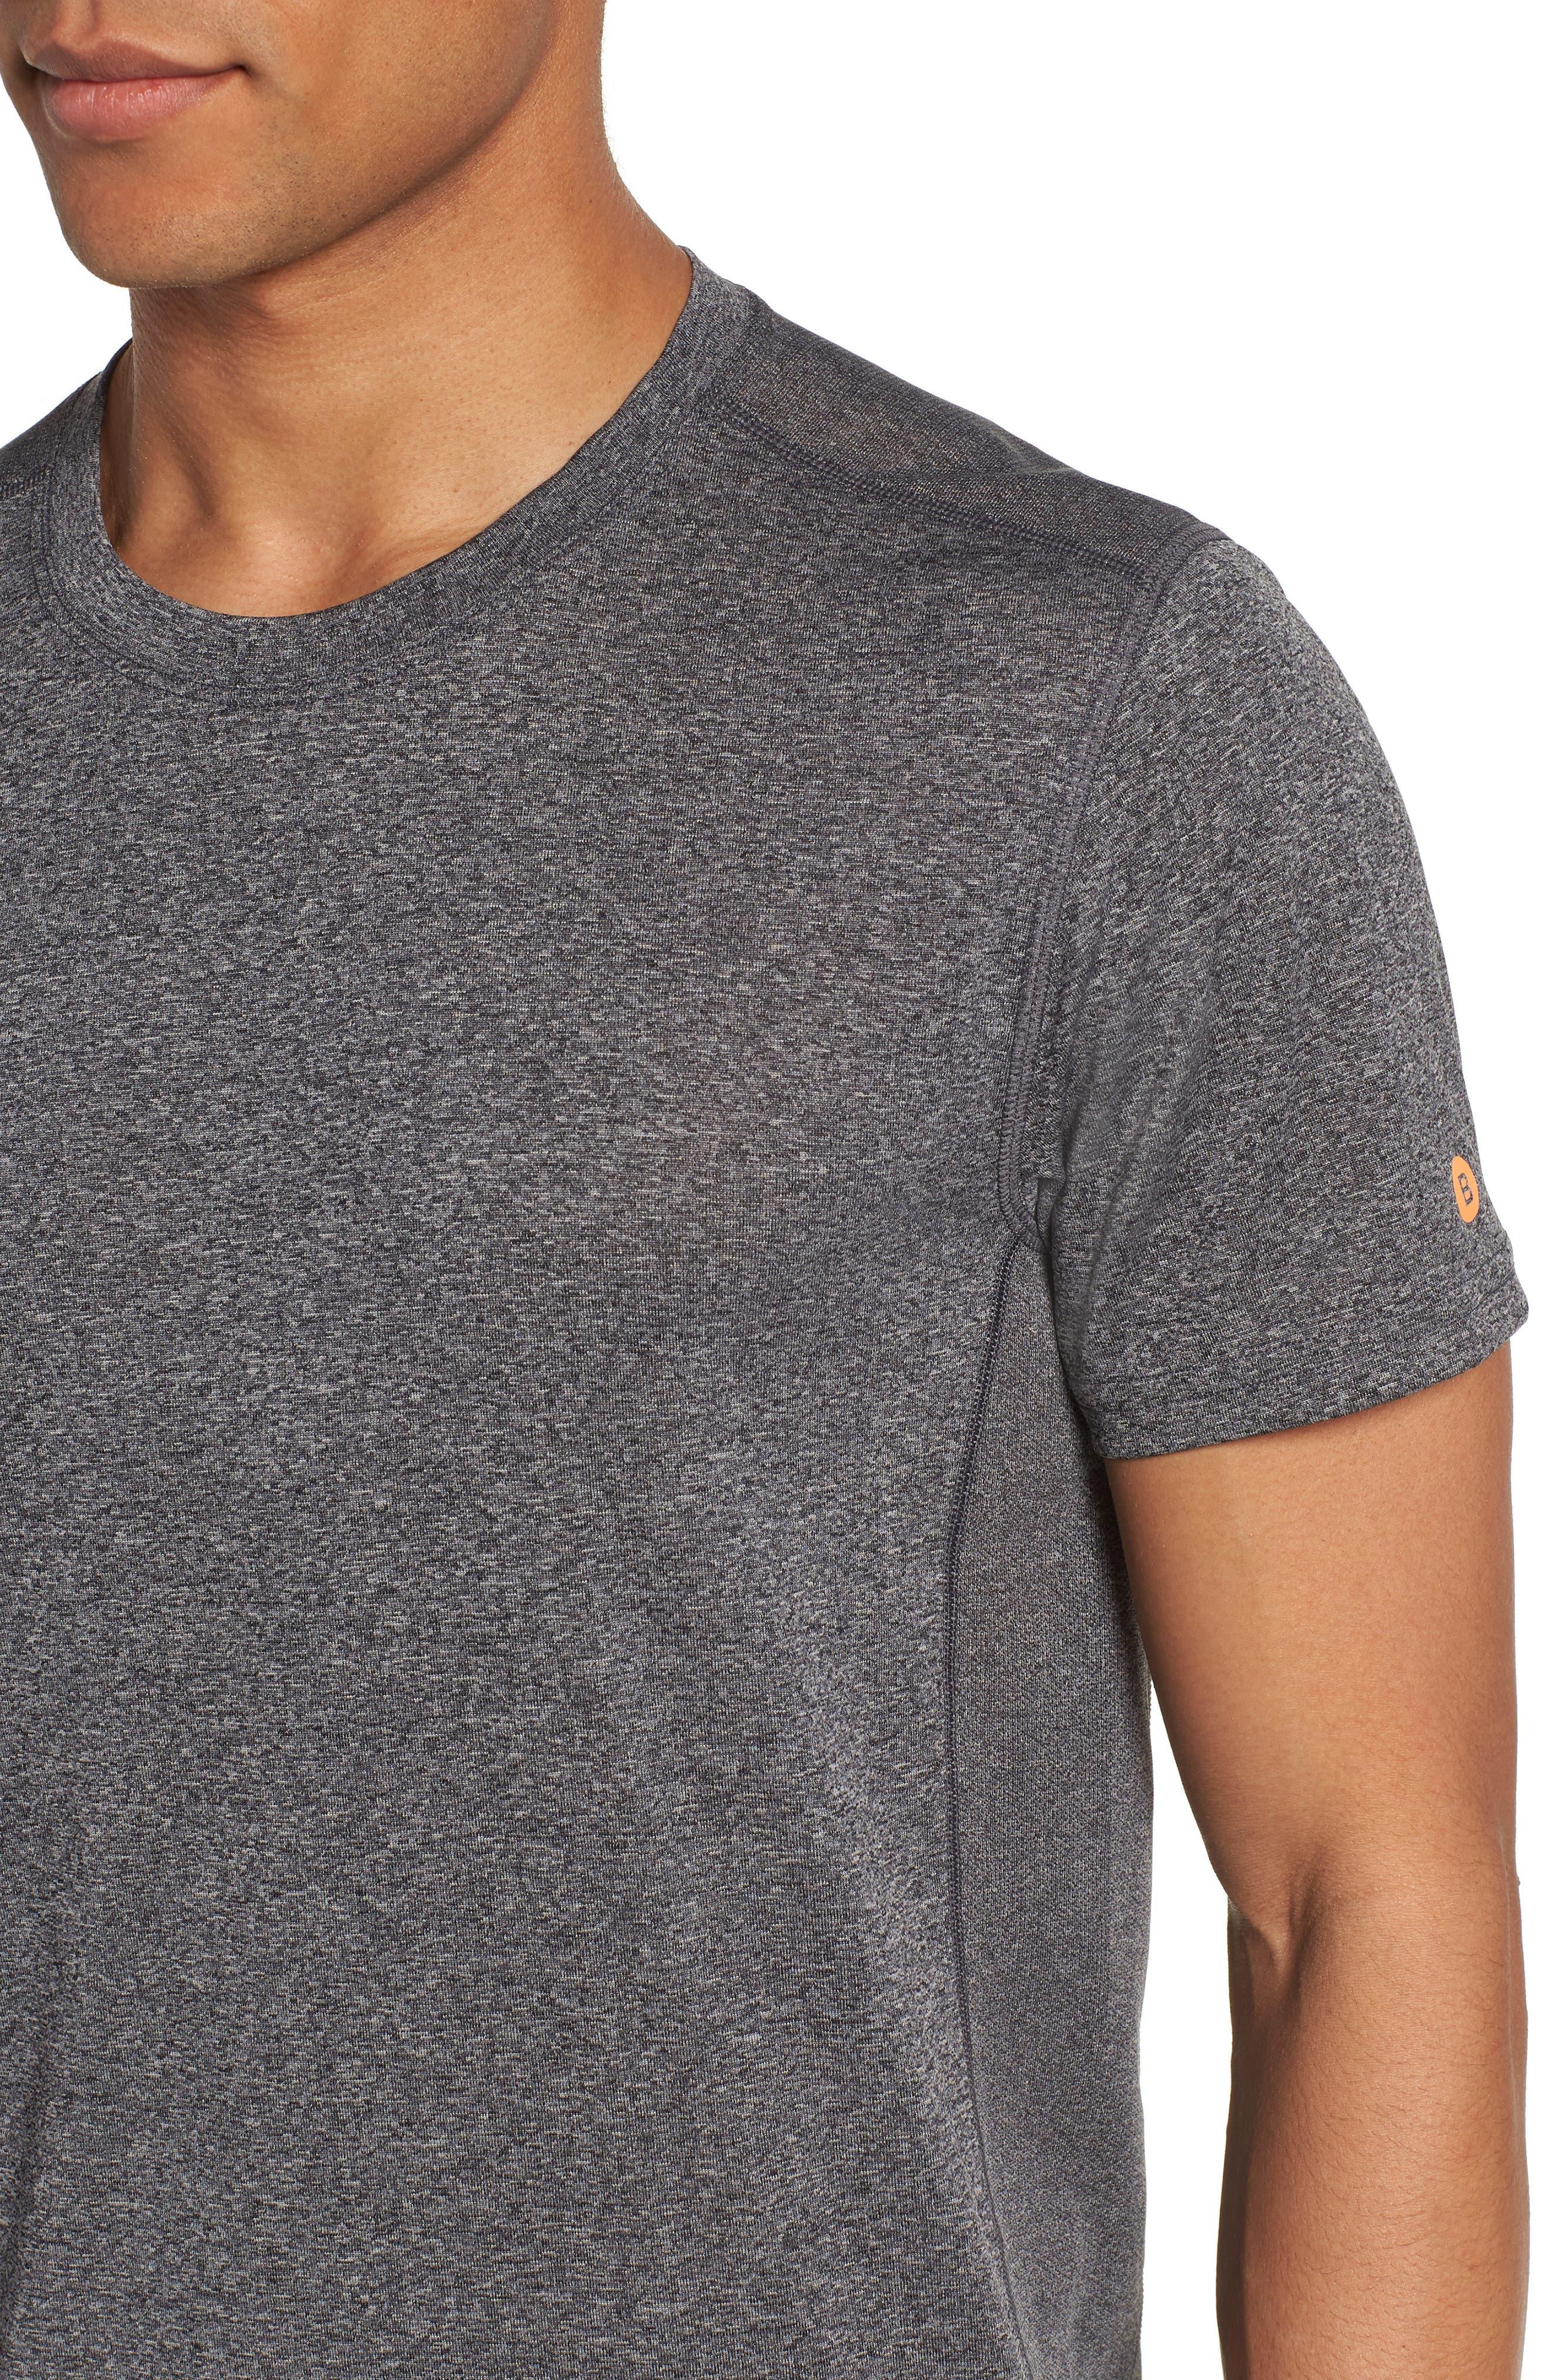 Goodsport Mesh Panel T-Shirt,                             Alternate thumbnail 20, color,